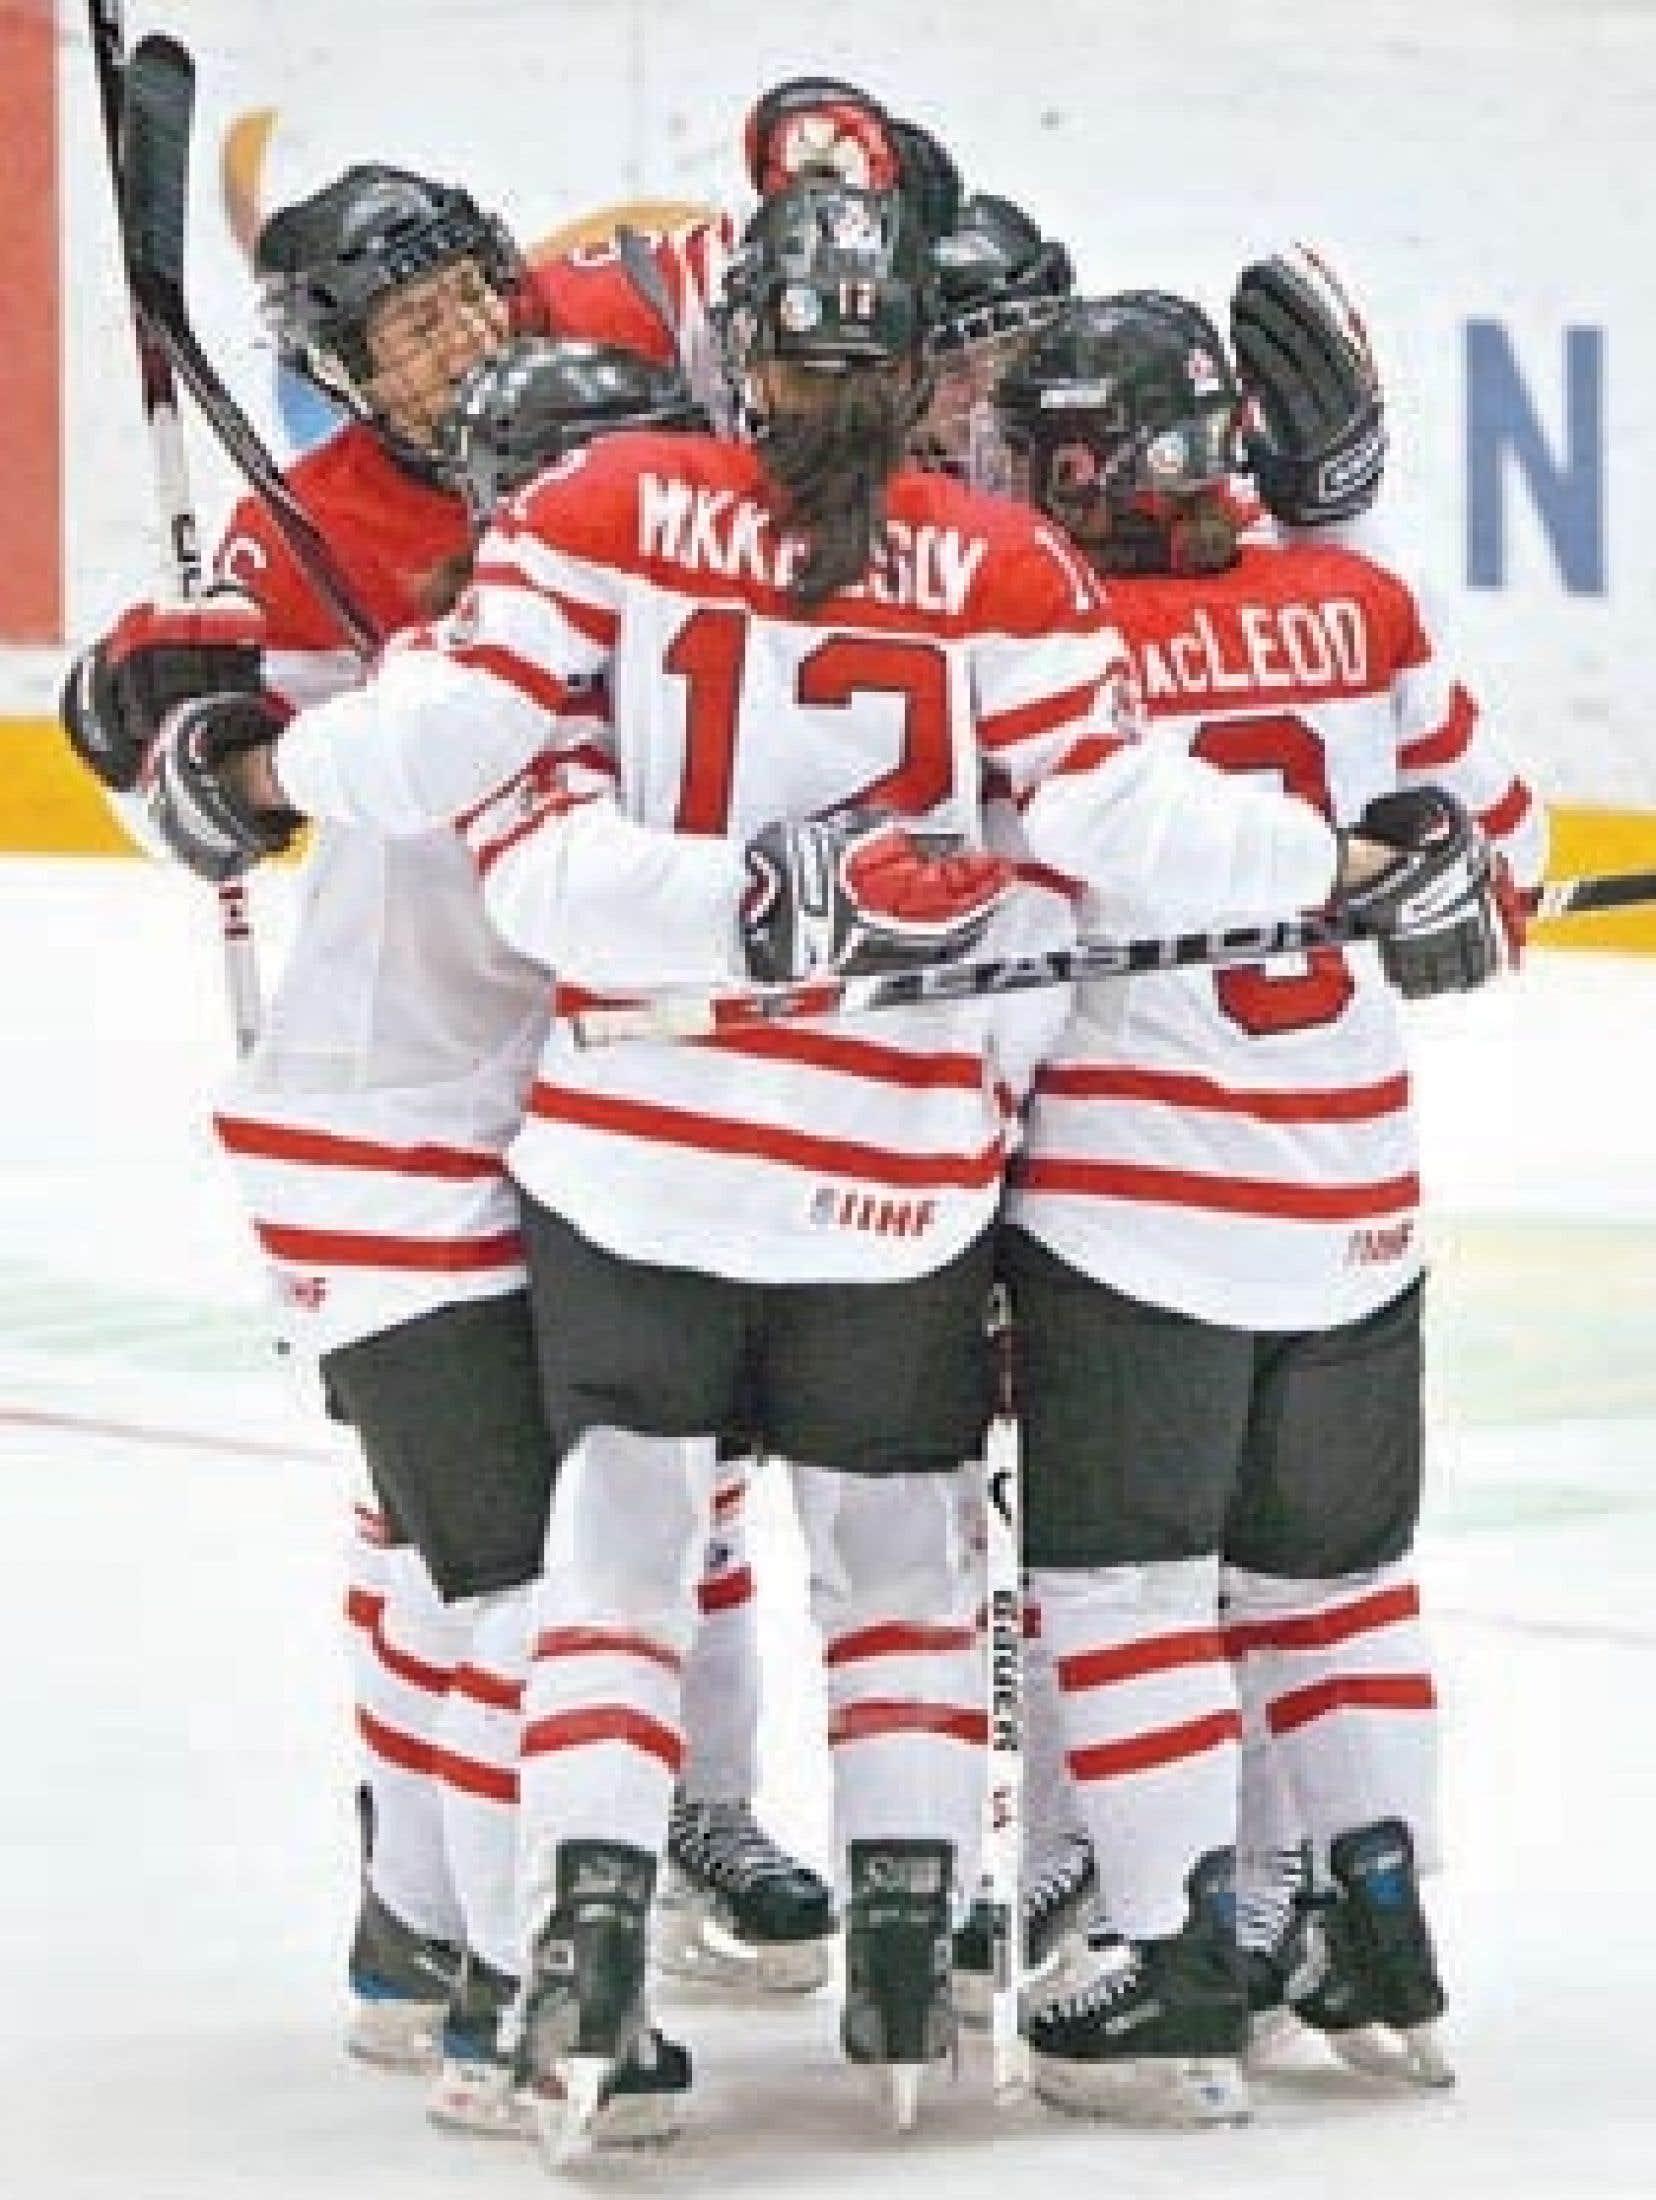 Le Canada a vengé sa première défaite contre la Suède à leur match précédent.